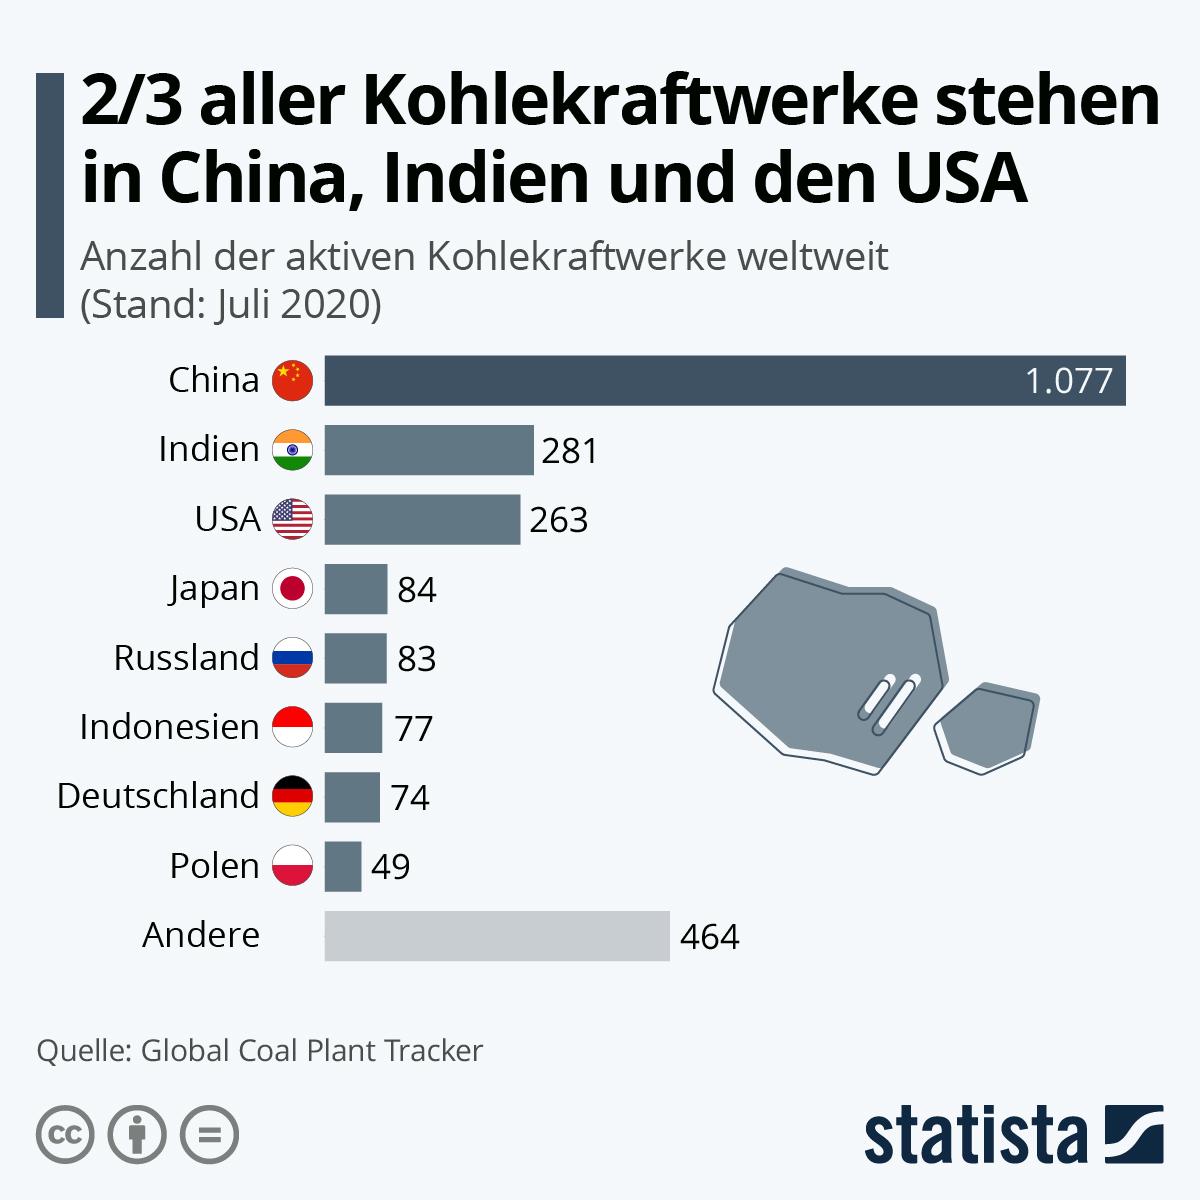 2/3 aller Kohlekraftwerke stehen in China, Indien und den USA | Statista